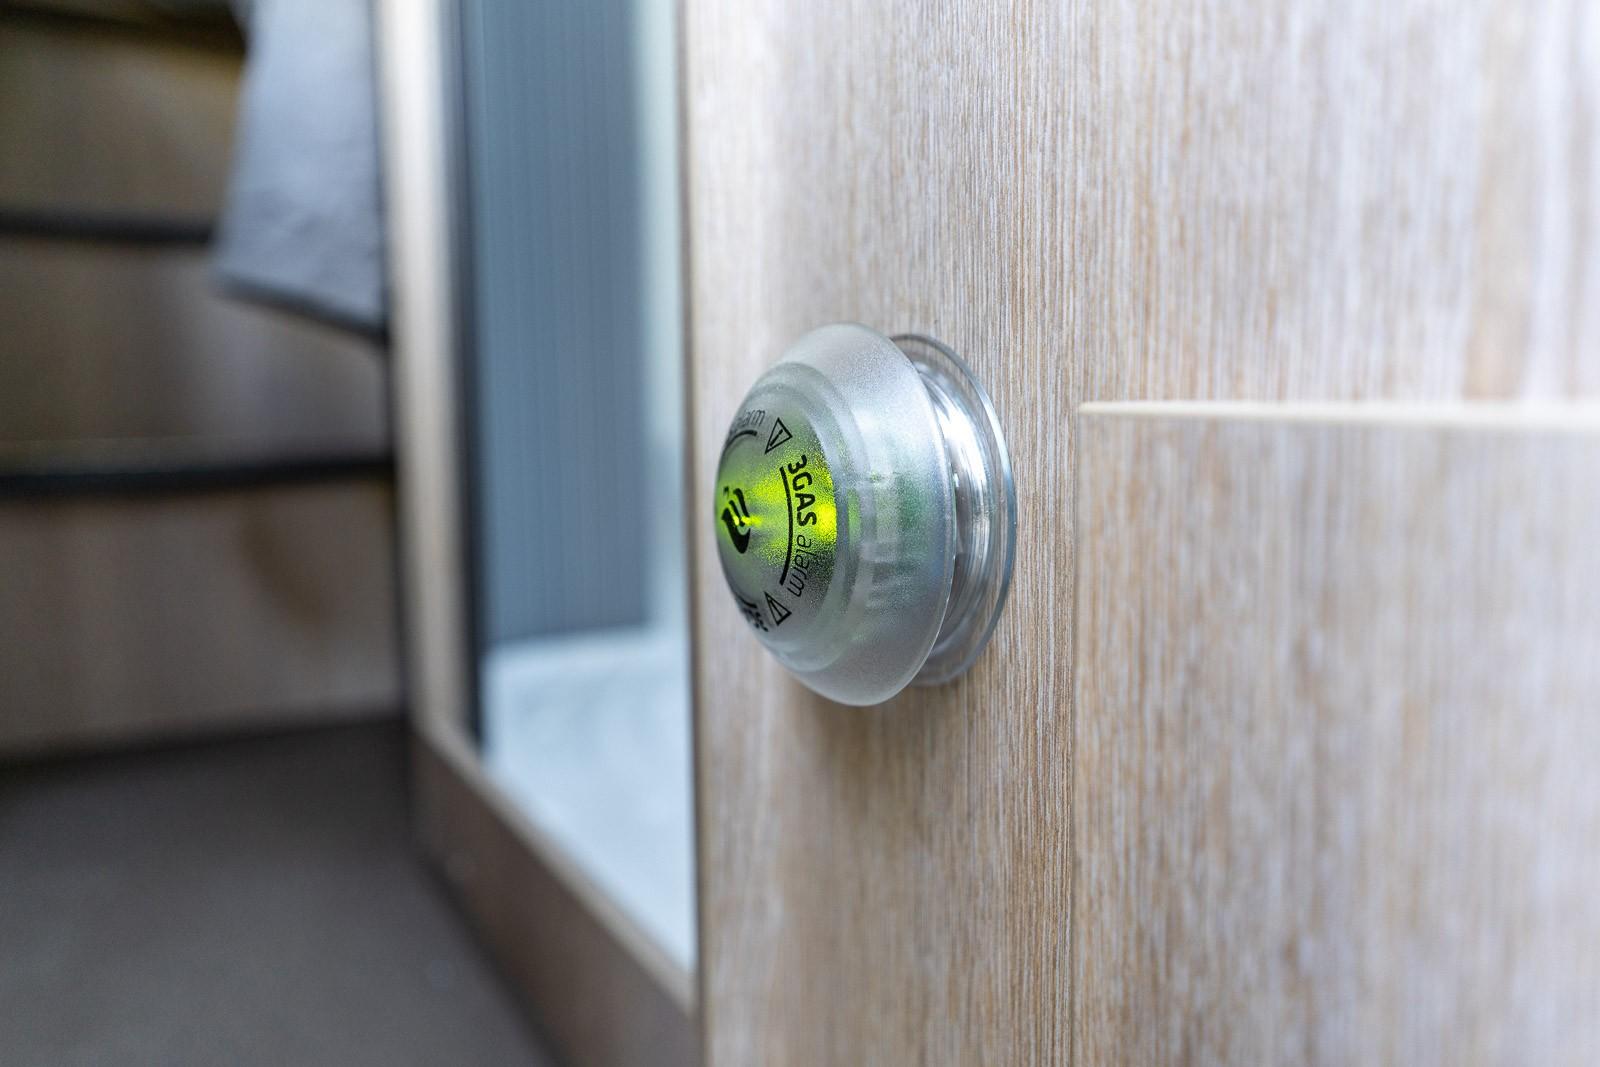 Gaswarner Wohnmobil - Sinnvoll? - Unterschiede und Tipps - 10off.com